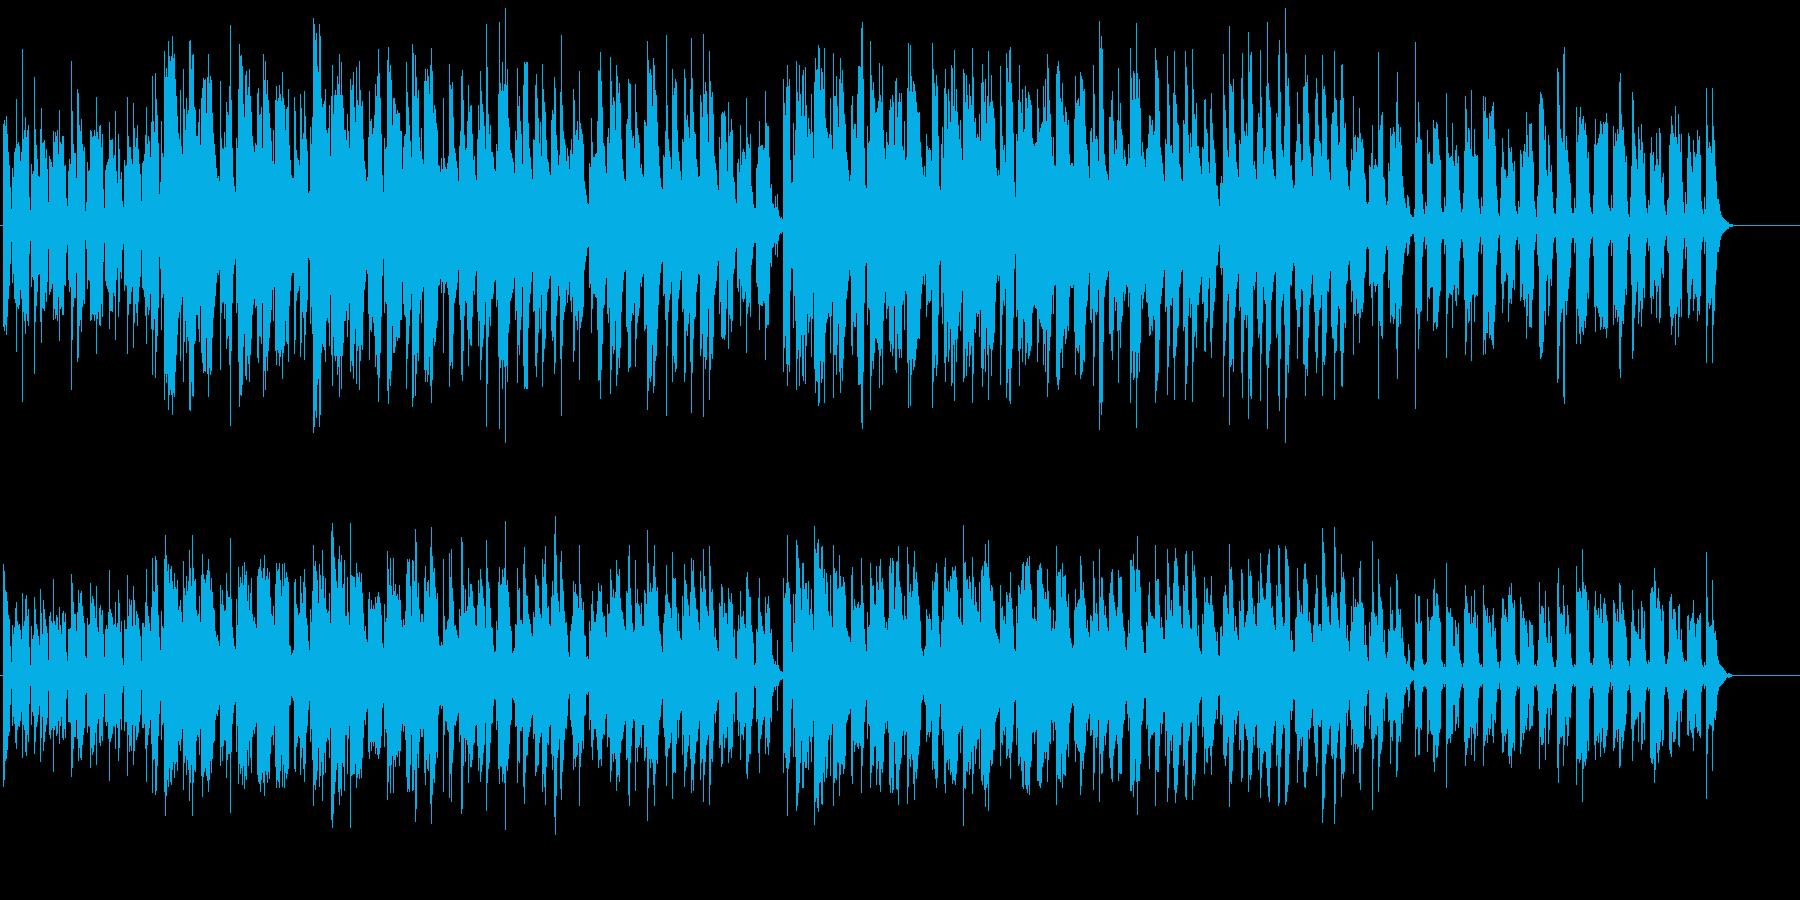 テンポ良く落ち着いた雰囲気のミュージックの再生済みの波形